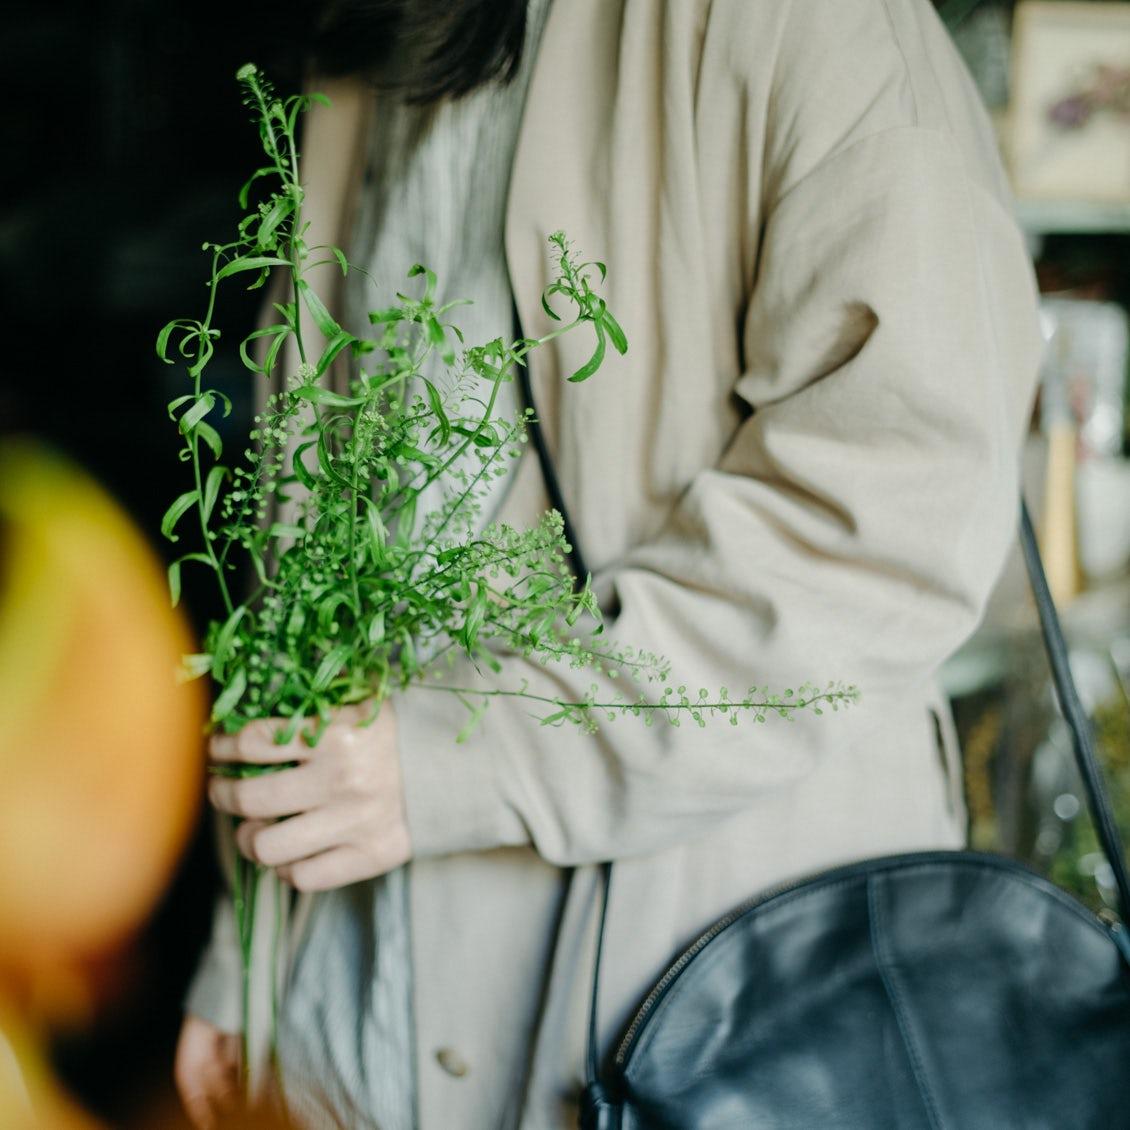 【花と暮らすを、始めたい】第2話:花屋さんで迷ったら、こんなお花の選び方を